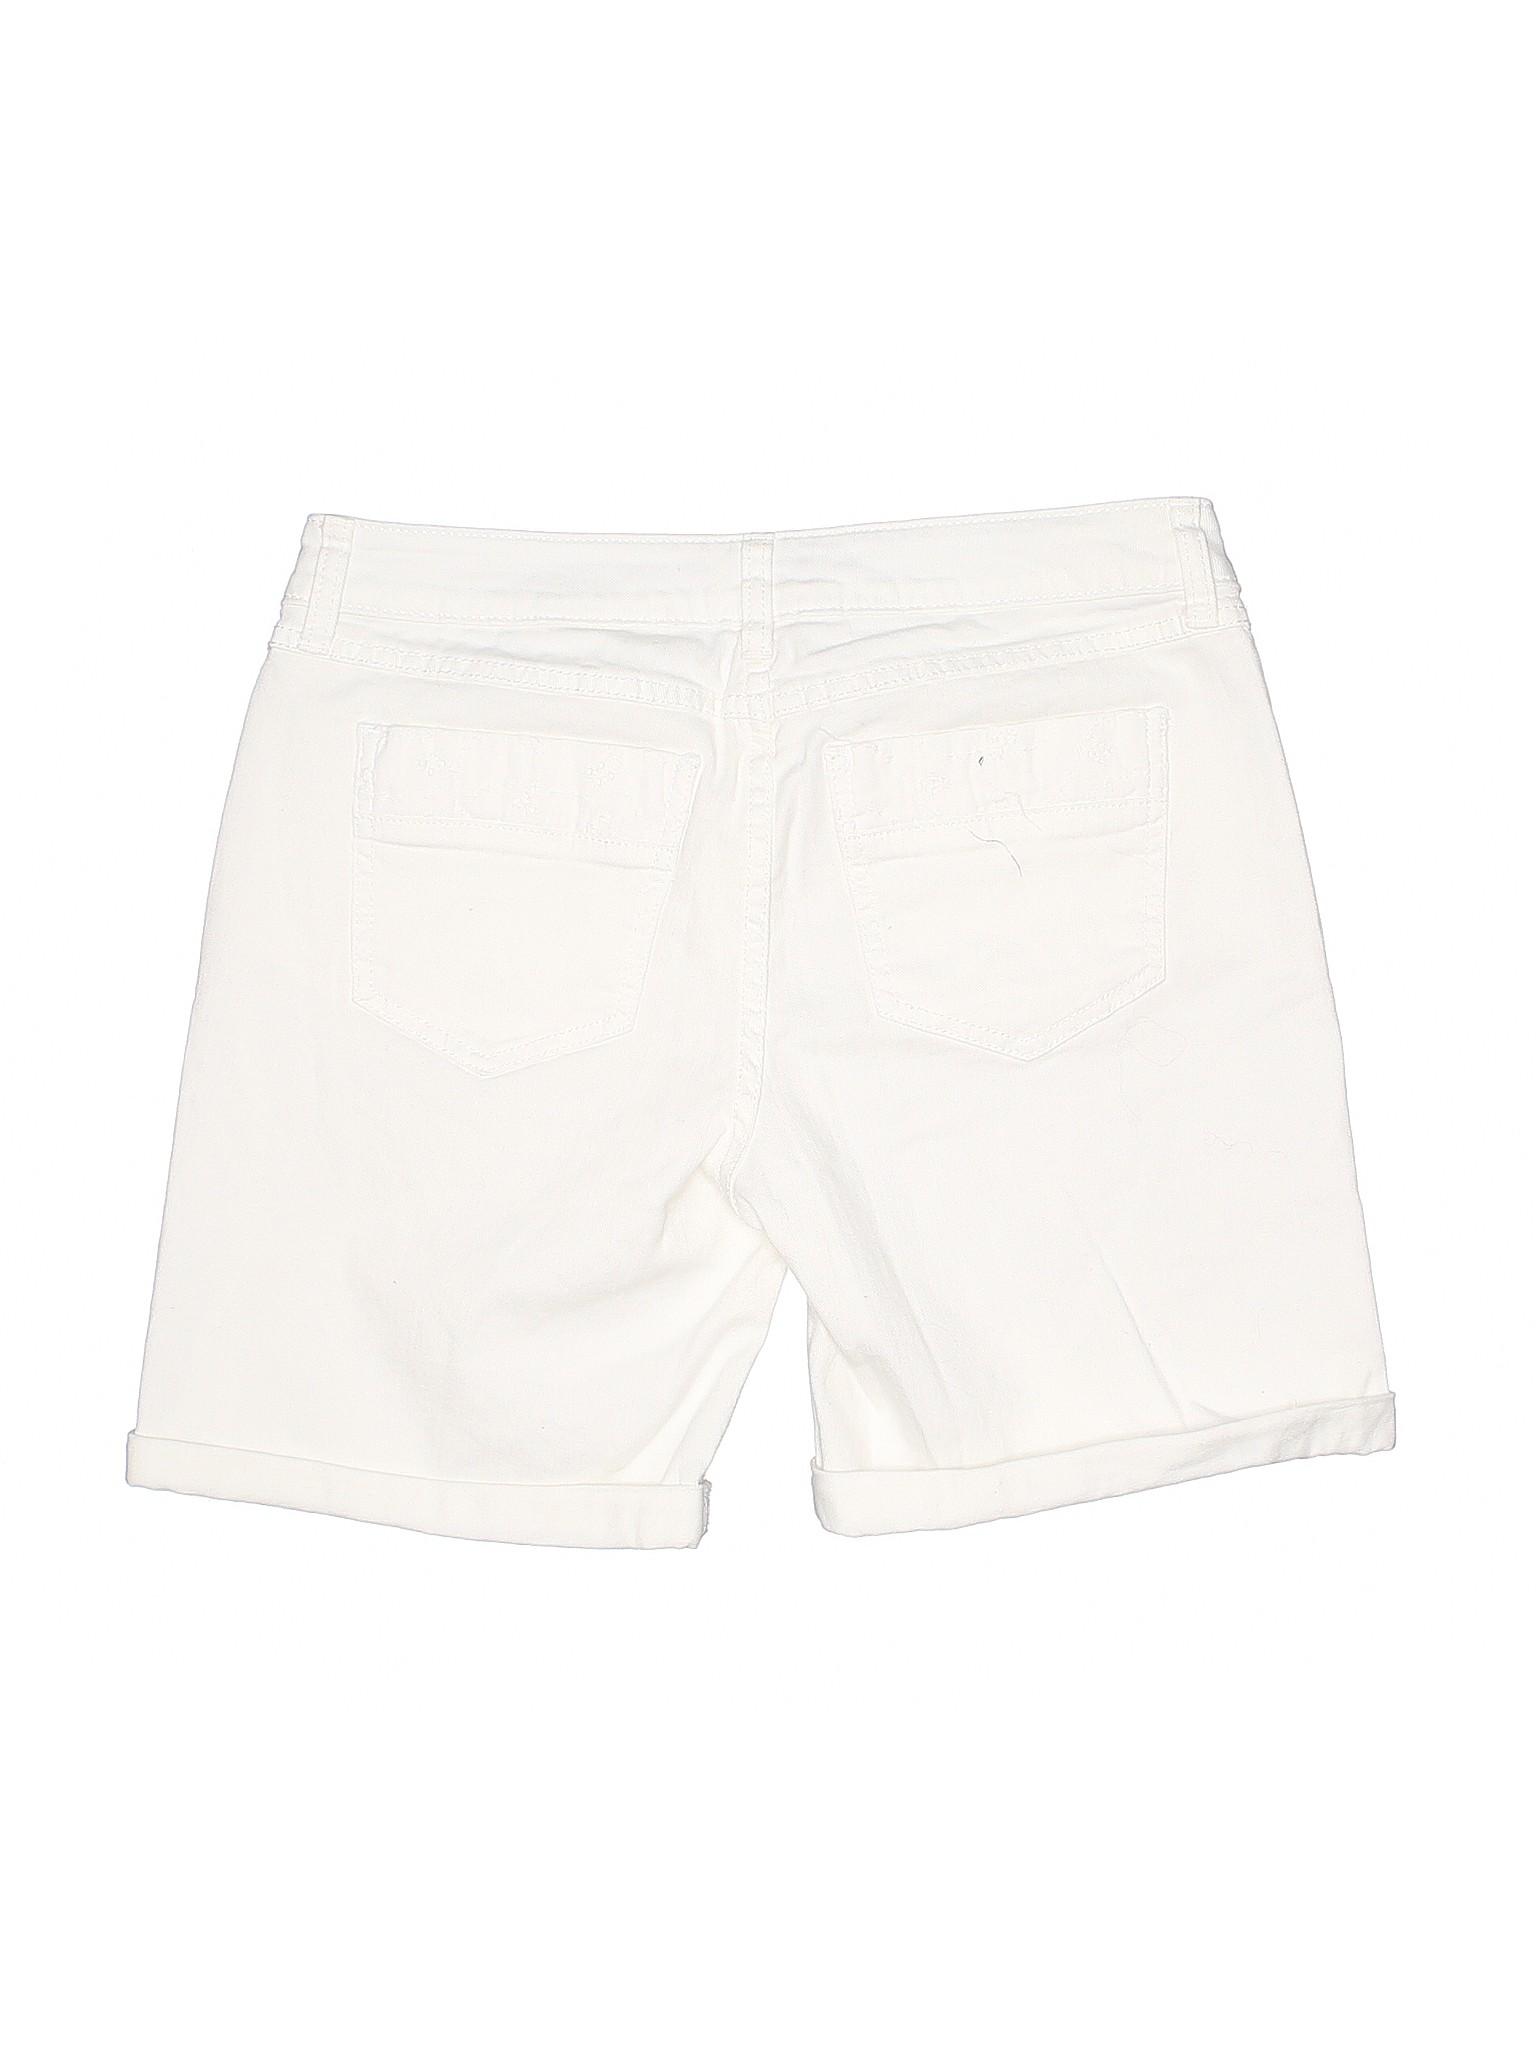 Boutique Boutique Elle Denim Elle Elle Boutique Denim Shorts Denim Shorts 1qIwS